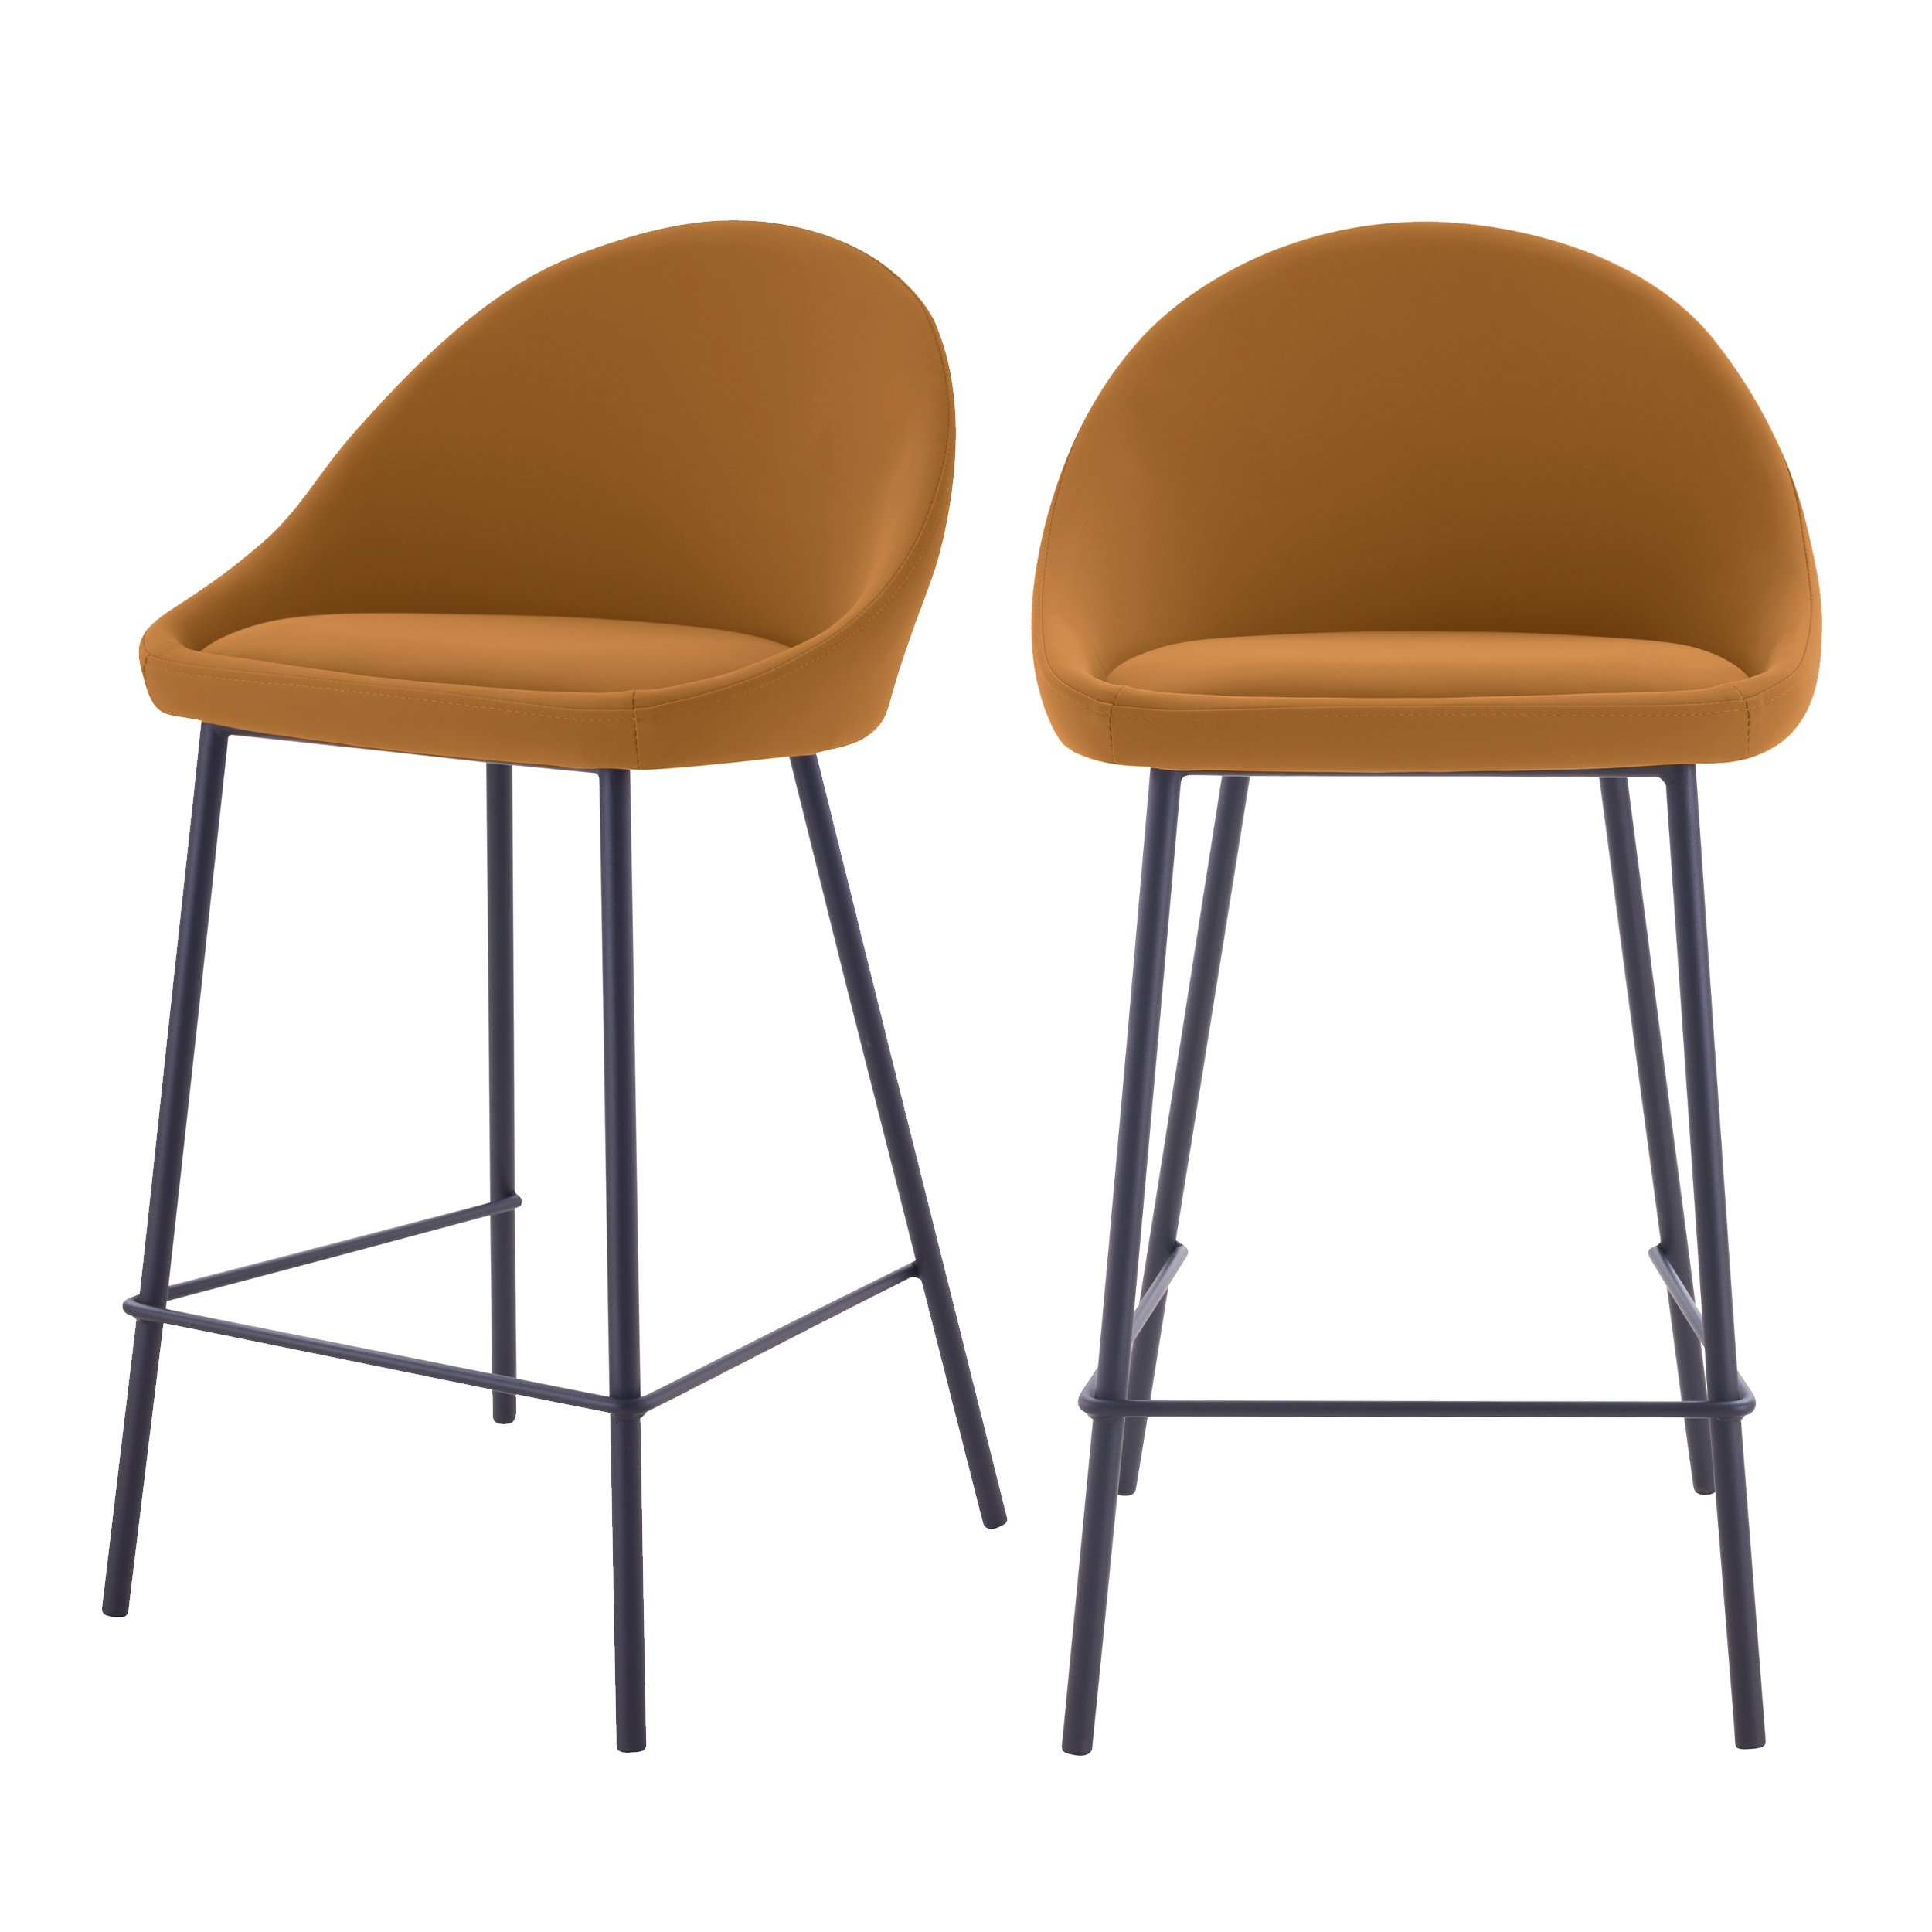 Chaise de bar mi-hauteur 65cm cuir synthétique cannelle (x2)